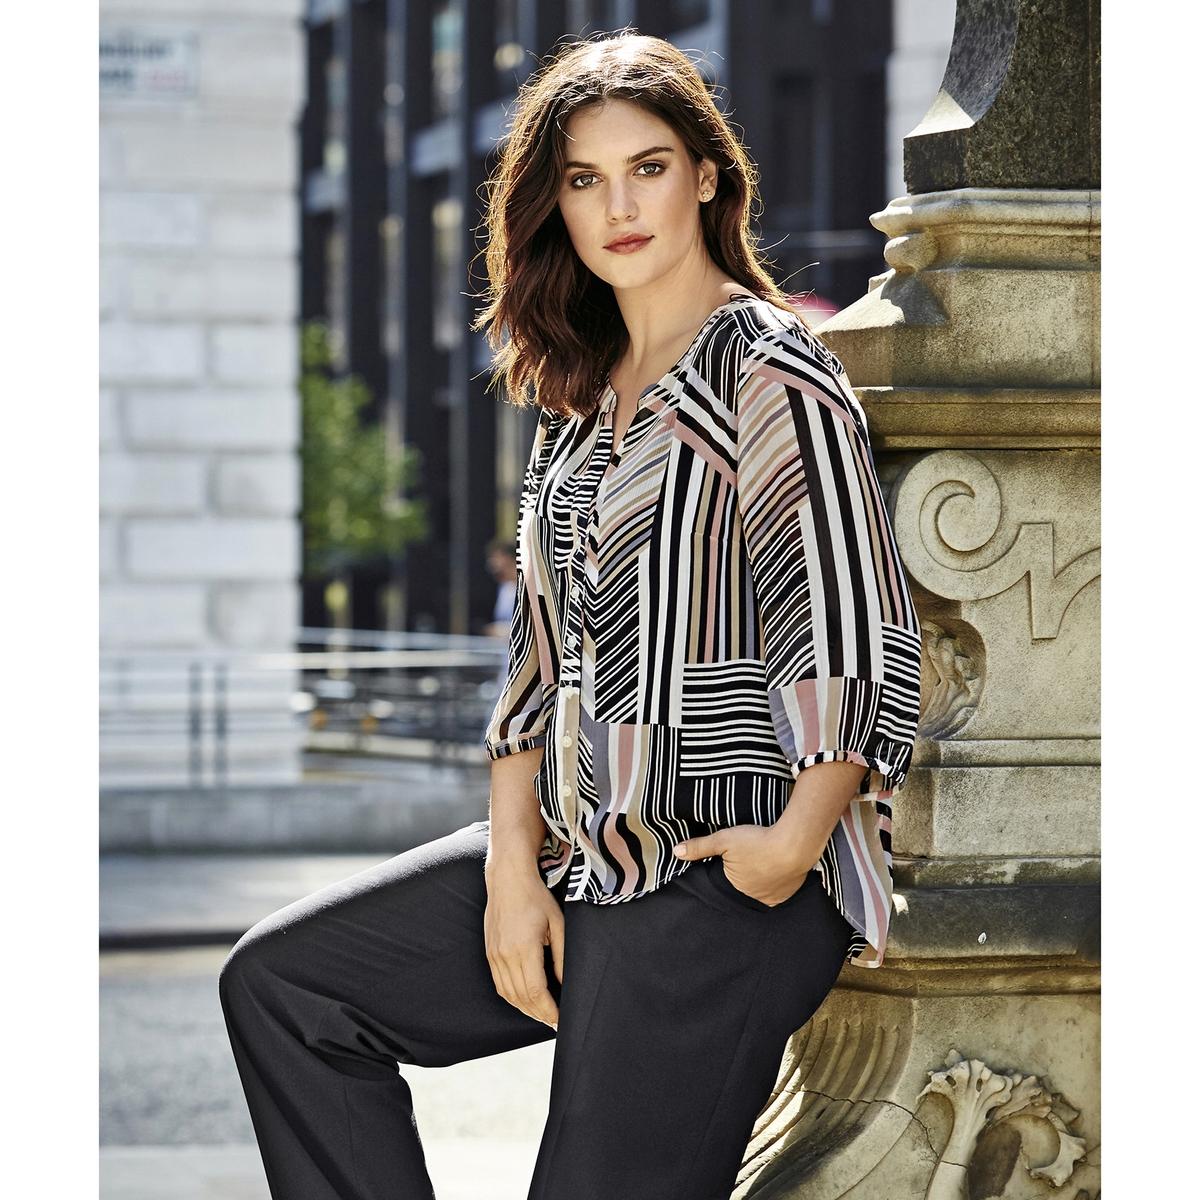 БлузкаБлузка ULLA POPKEN. Слегка прозрачная блузка с красивым графическим рисунком. Прямой открытый вырез, закругленный низ и рукава 3/4 с краями на резинке. Легкий в уходе материал - не требует глажки. 100% полиэстер. Длина в зависимости от размера. 72-82 см<br><br>Цвет: набивной рисунок